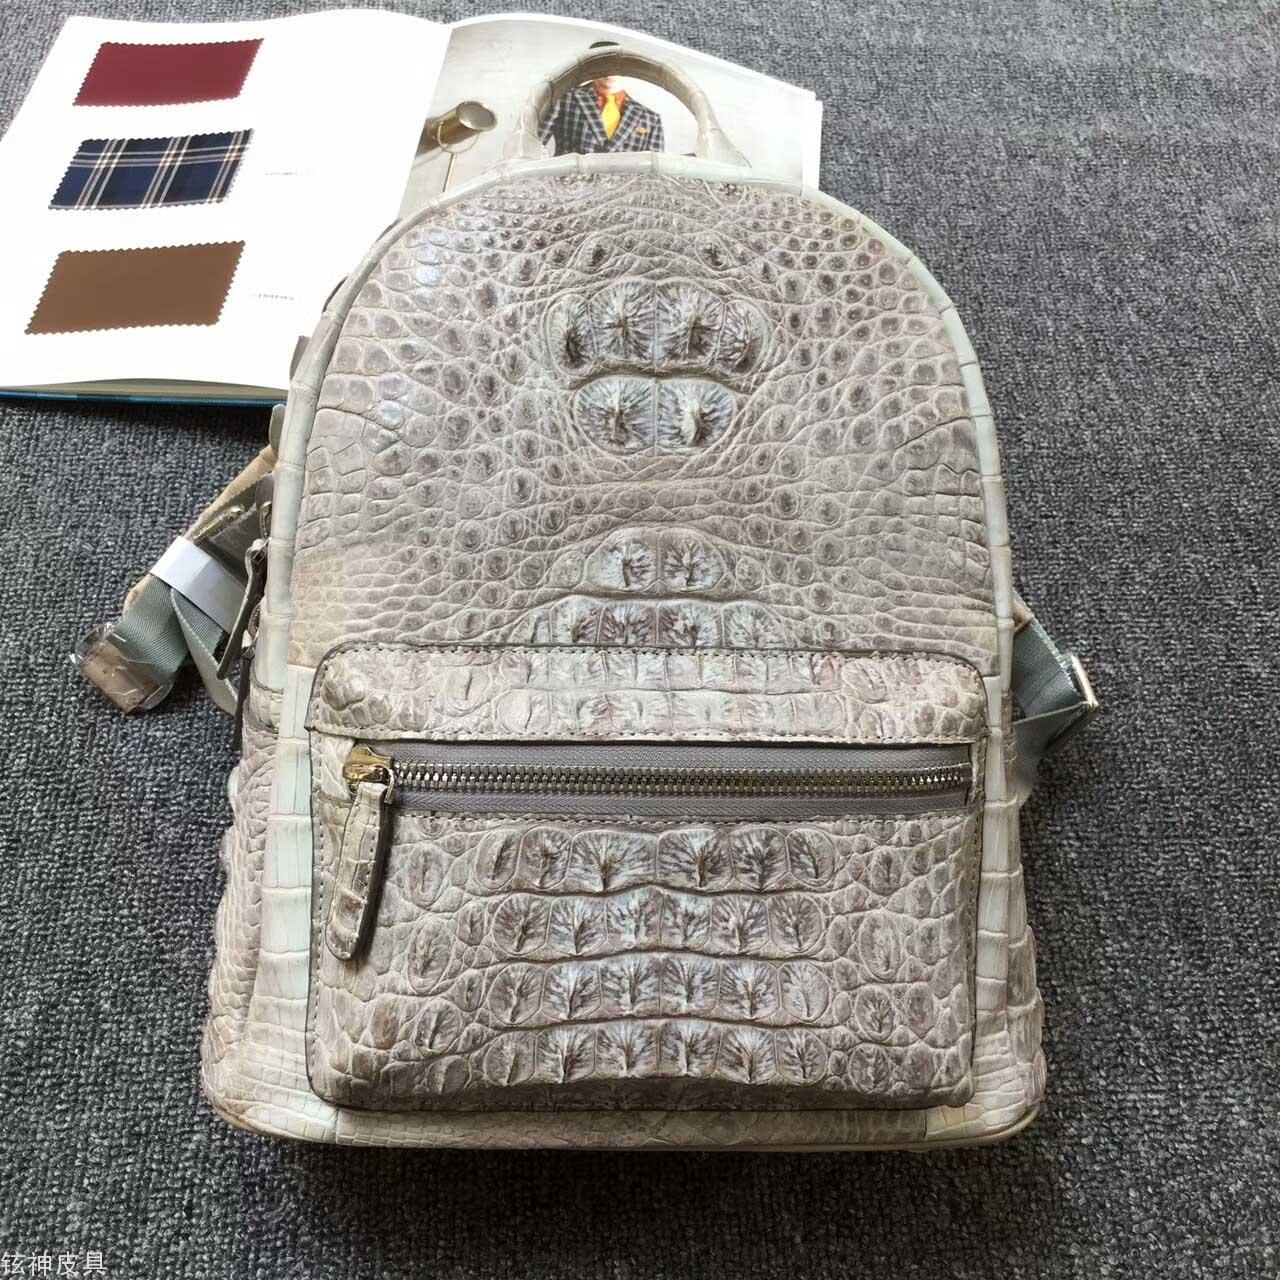 玉门市鳄鱼皮钱包厂家mmexport1505551356565.jpg